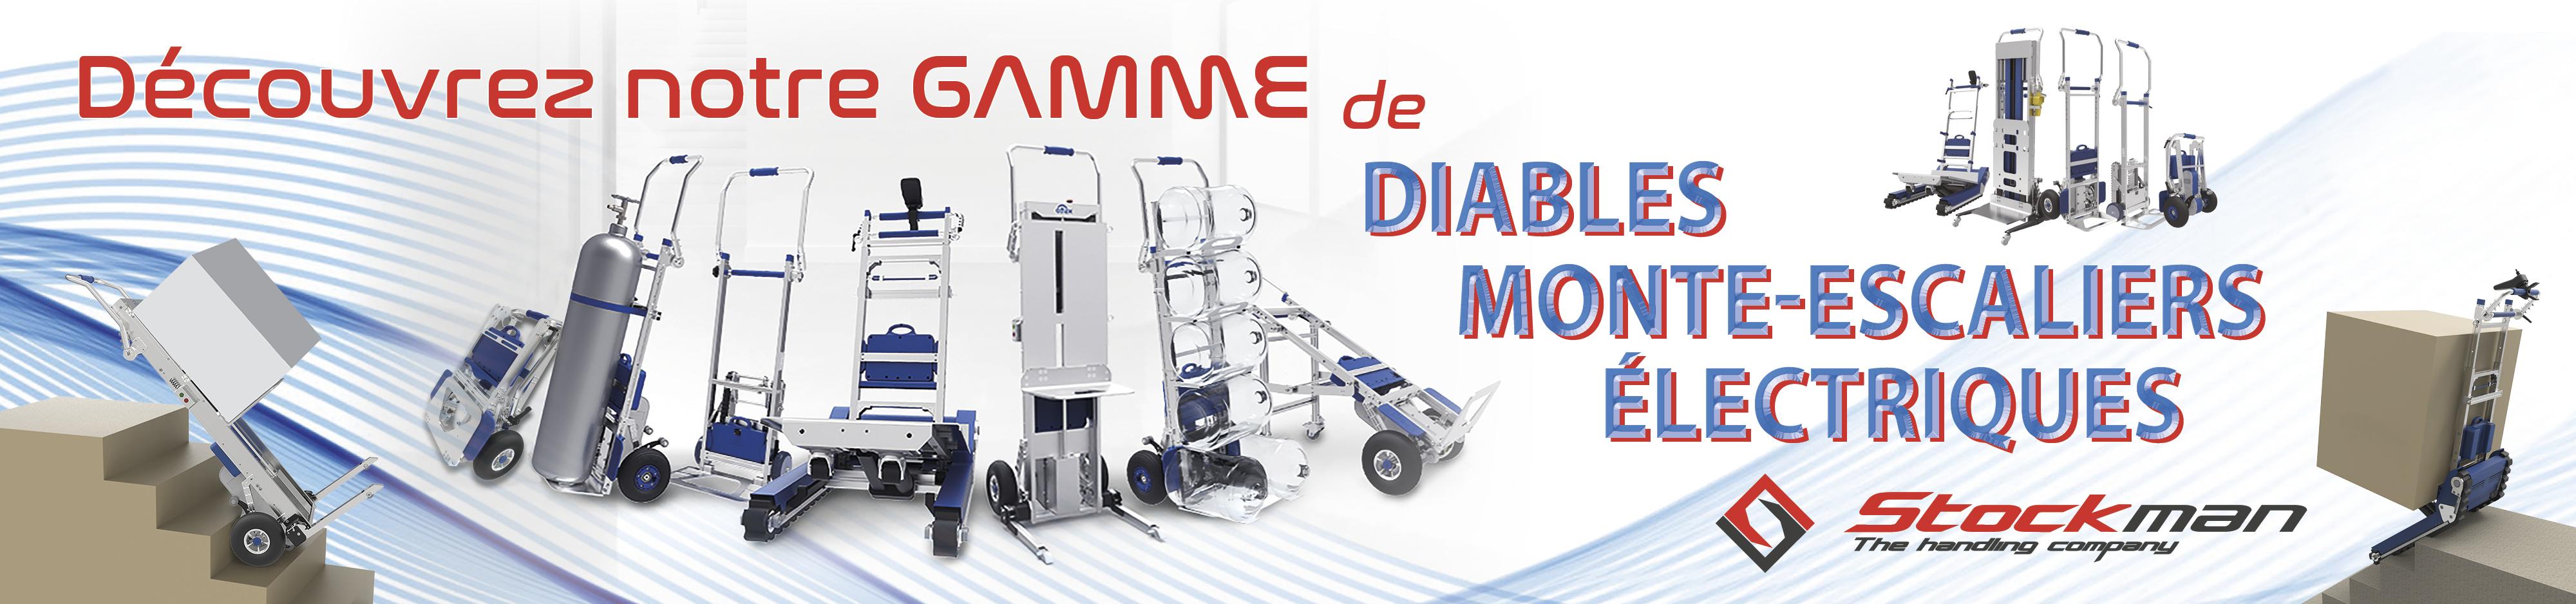 https://www.stockman.fr/diables-et-chariots-de-manutention--6/diables-monte-escalier-electrique--31.aspx?